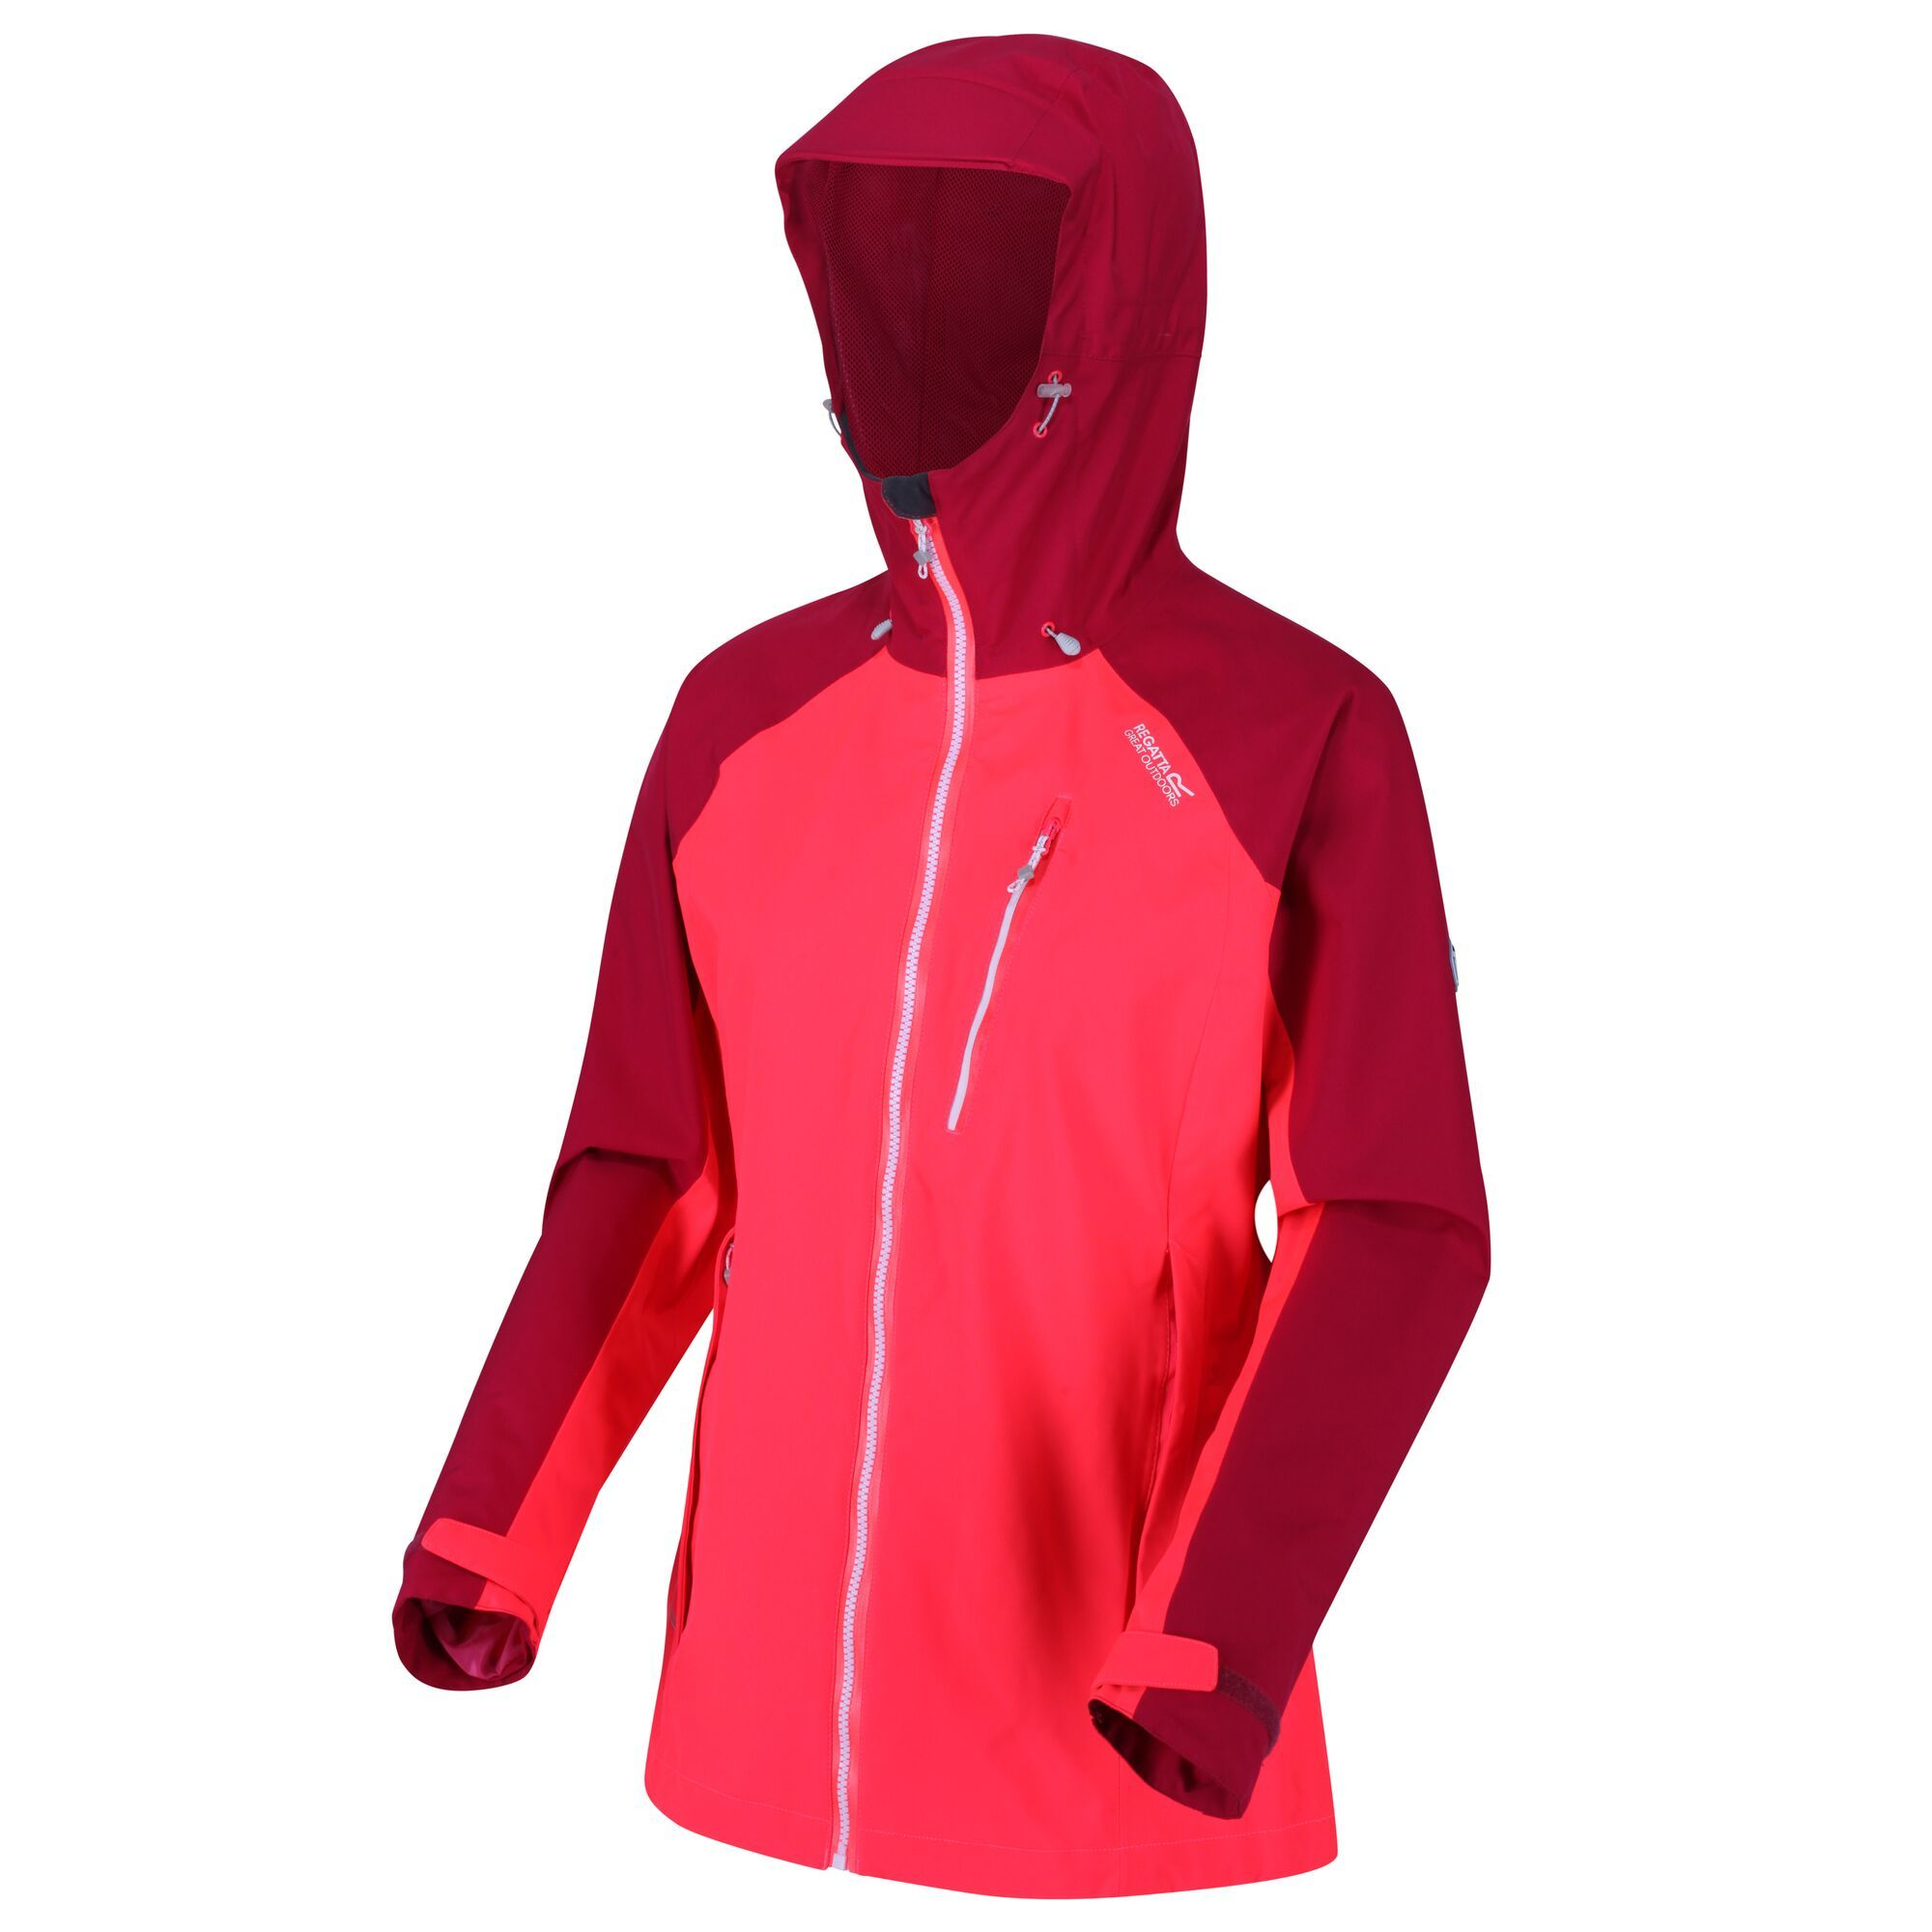 Regatta Womens/Ladies Birchdale Waterproof Shell Jacket